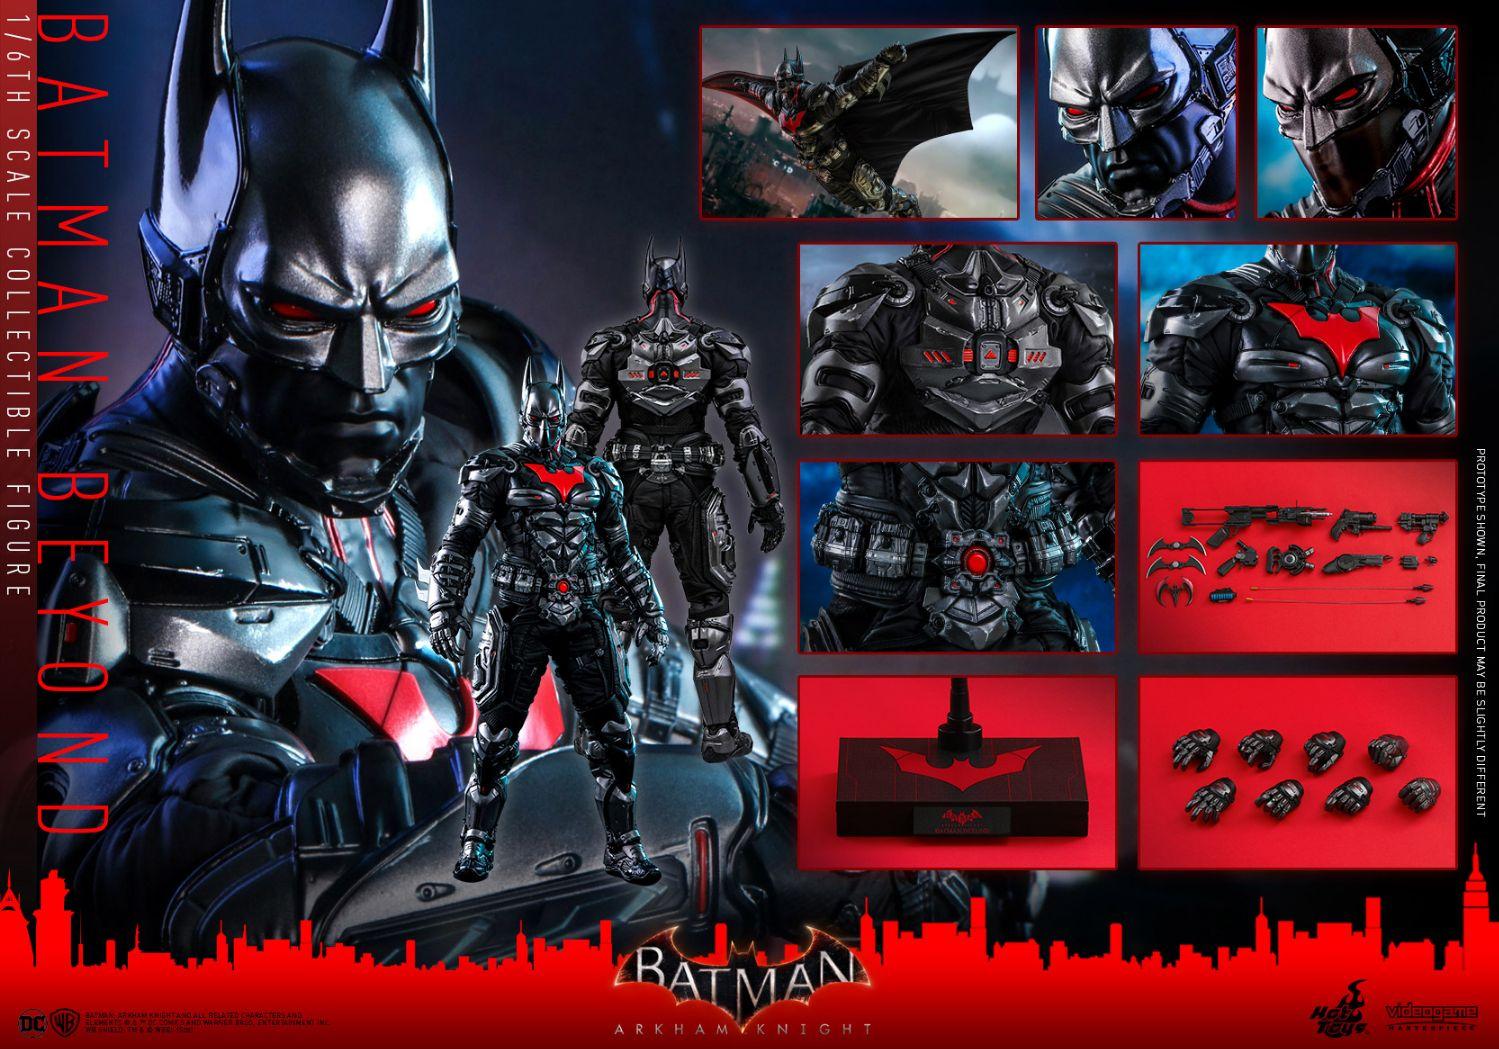 コレクション, フィギュア Hottoys VGM 39 16 Batman Arkham Knight - Batman Beyond